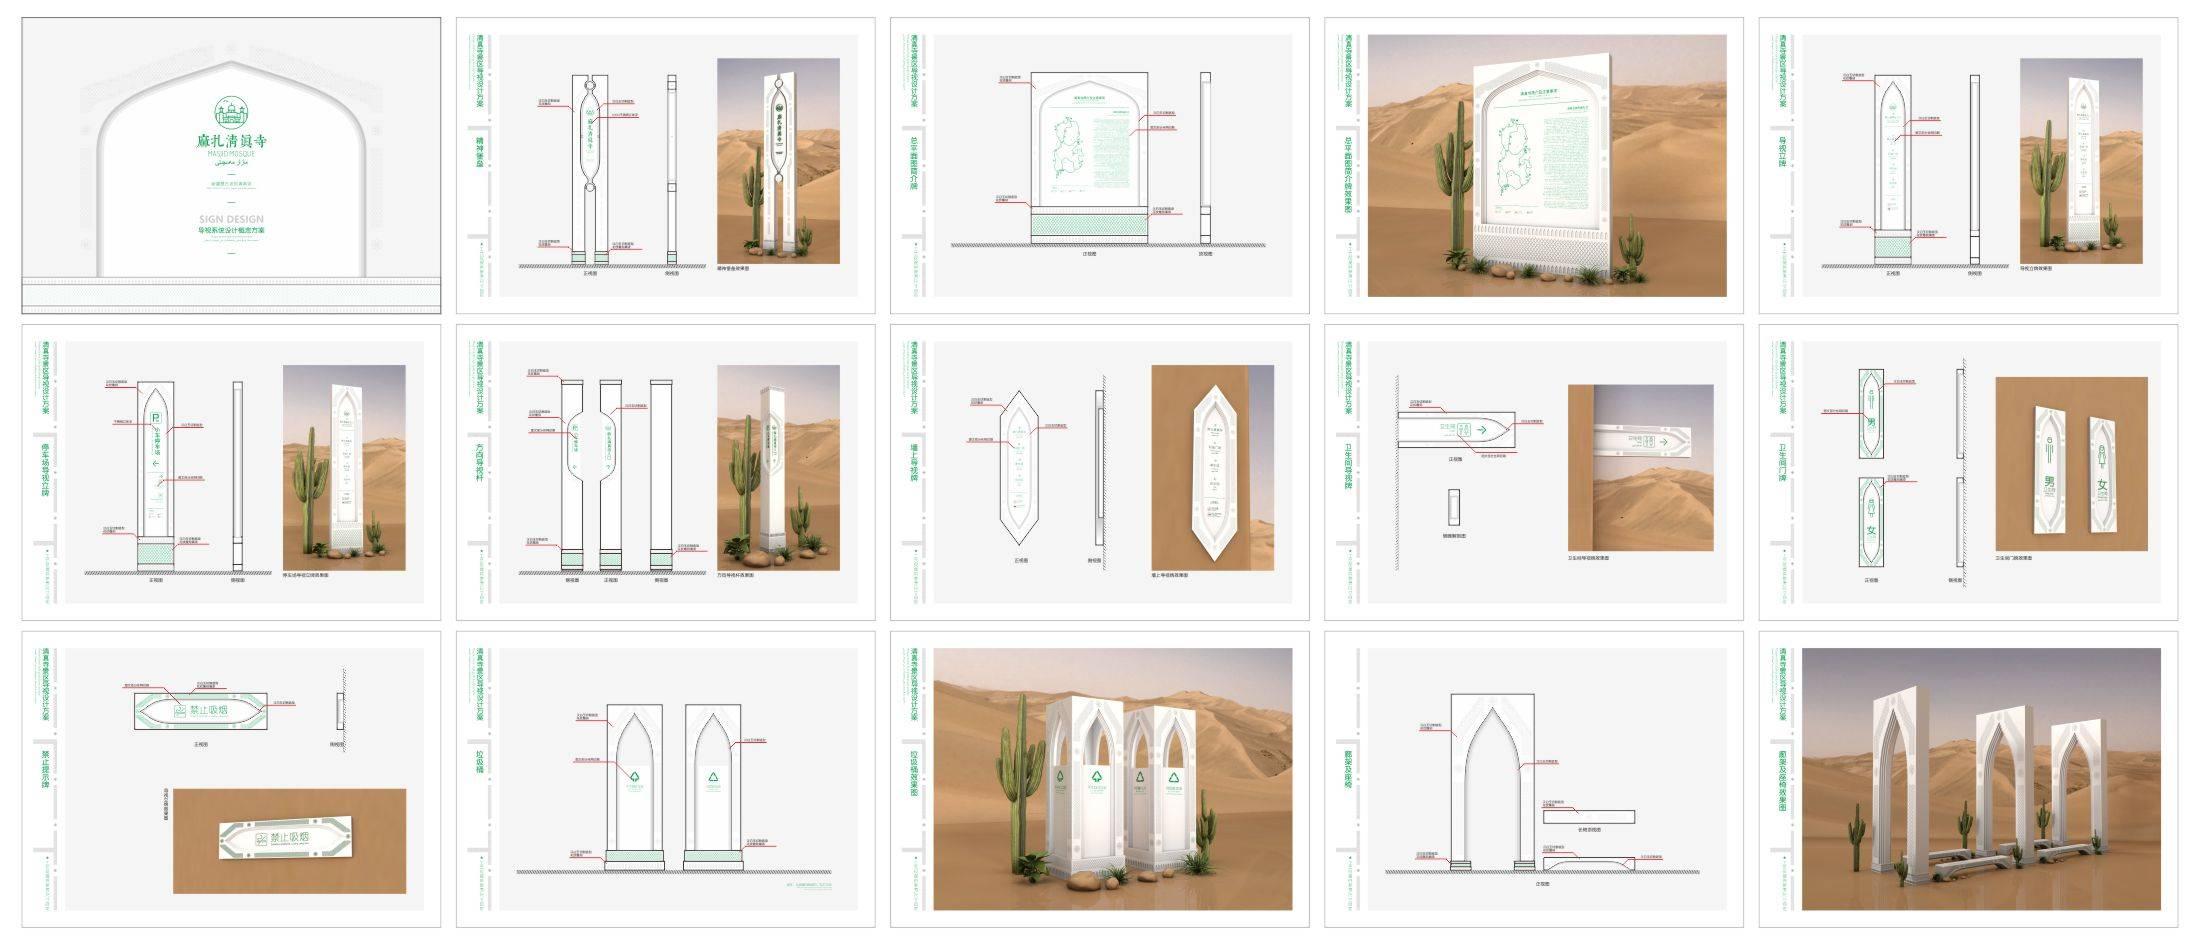 【必然云创· 原创作品系列】之《清真寺景区伊斯兰教风格导视系统设计概念方案》